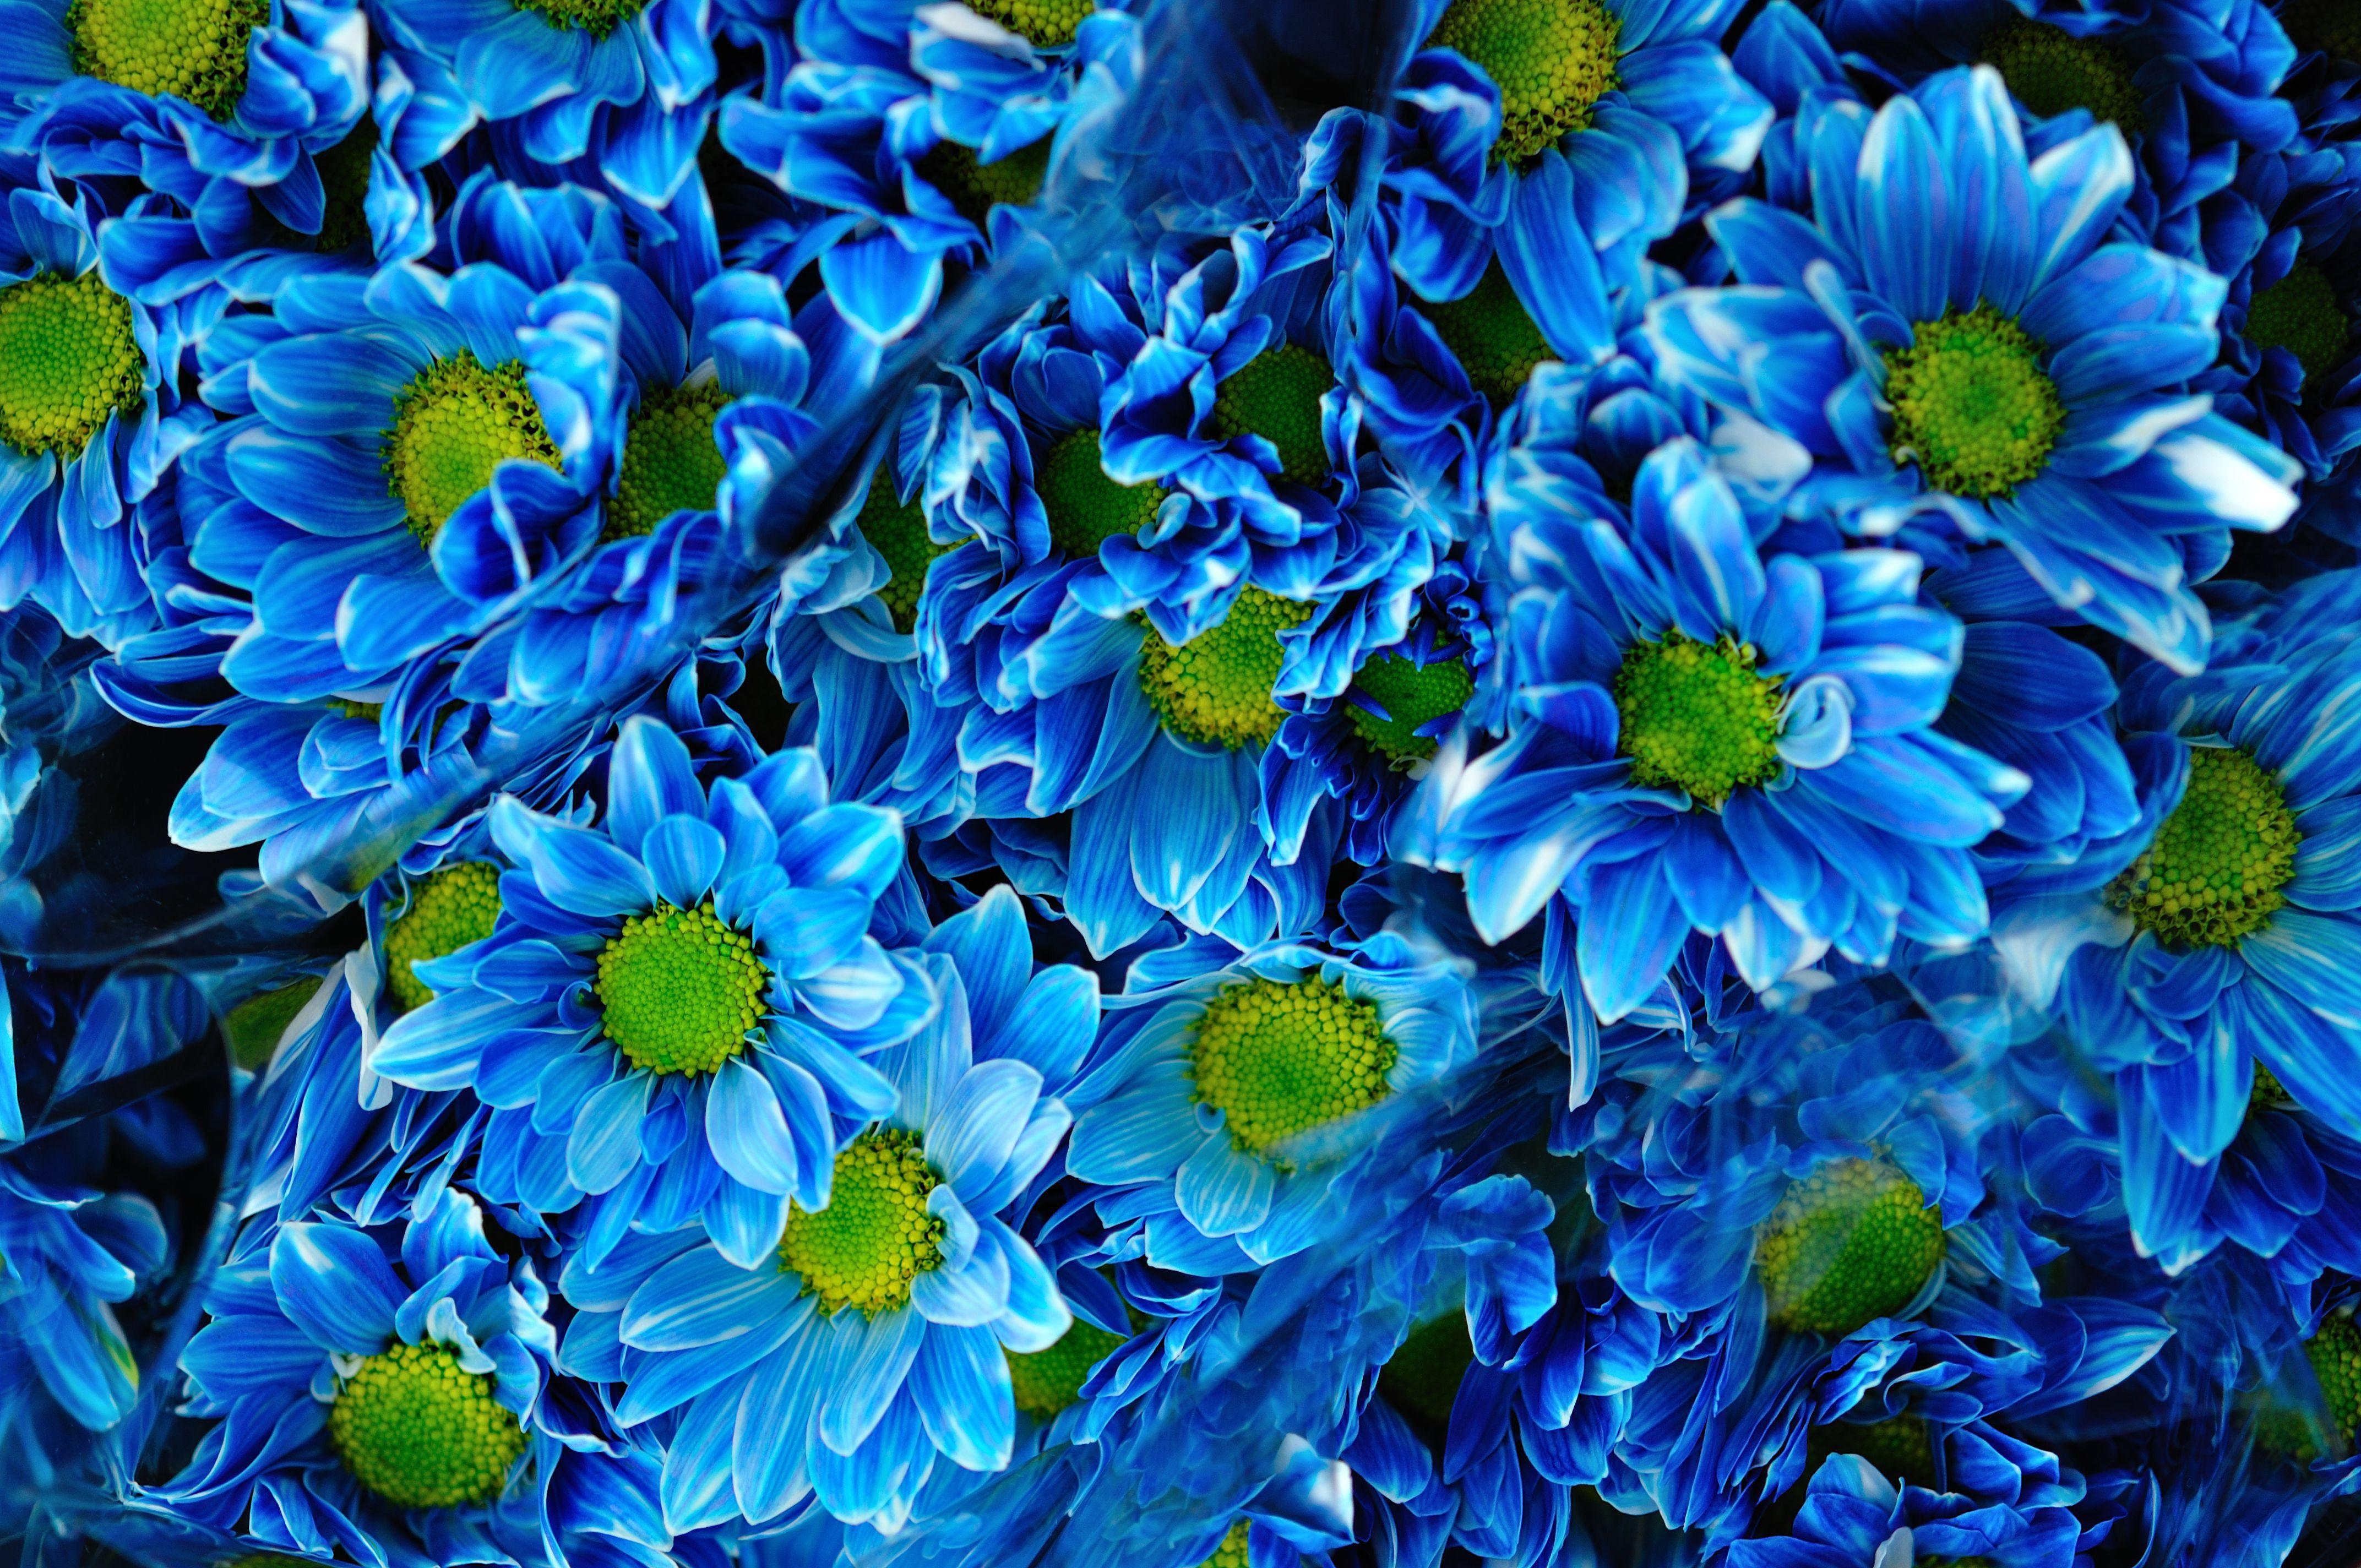 синие живые цветы названия и фото самозабвенно